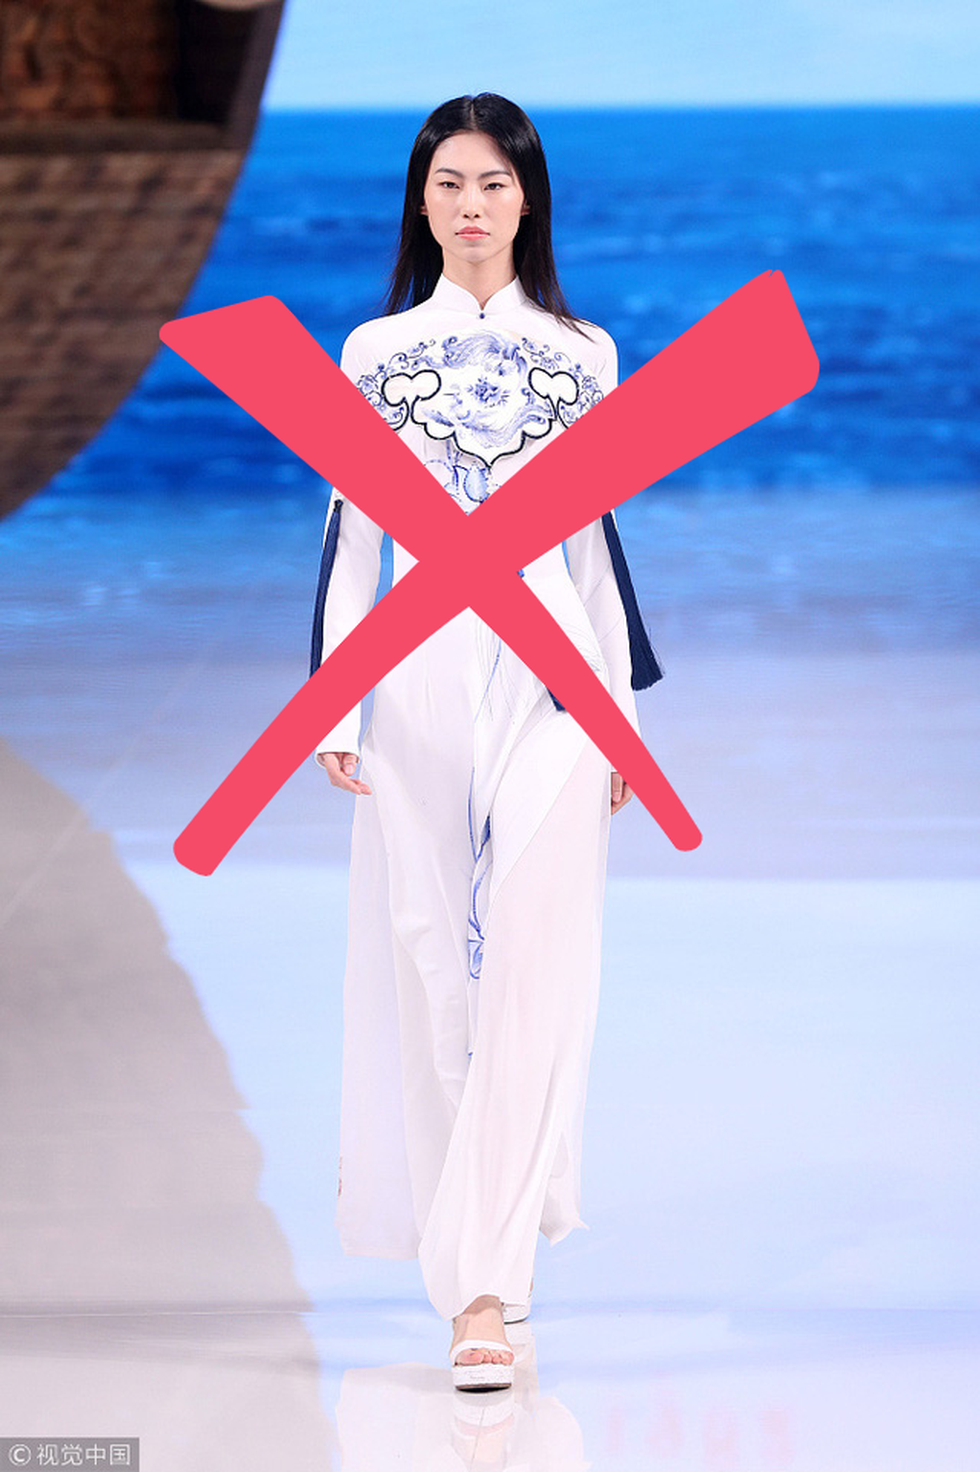 Nhà thiết kế Trung Quốc từng xài mẫu áo dài Việt, giờ nói về phẩm giá trang phục Trung Quốc - Ảnh 6.